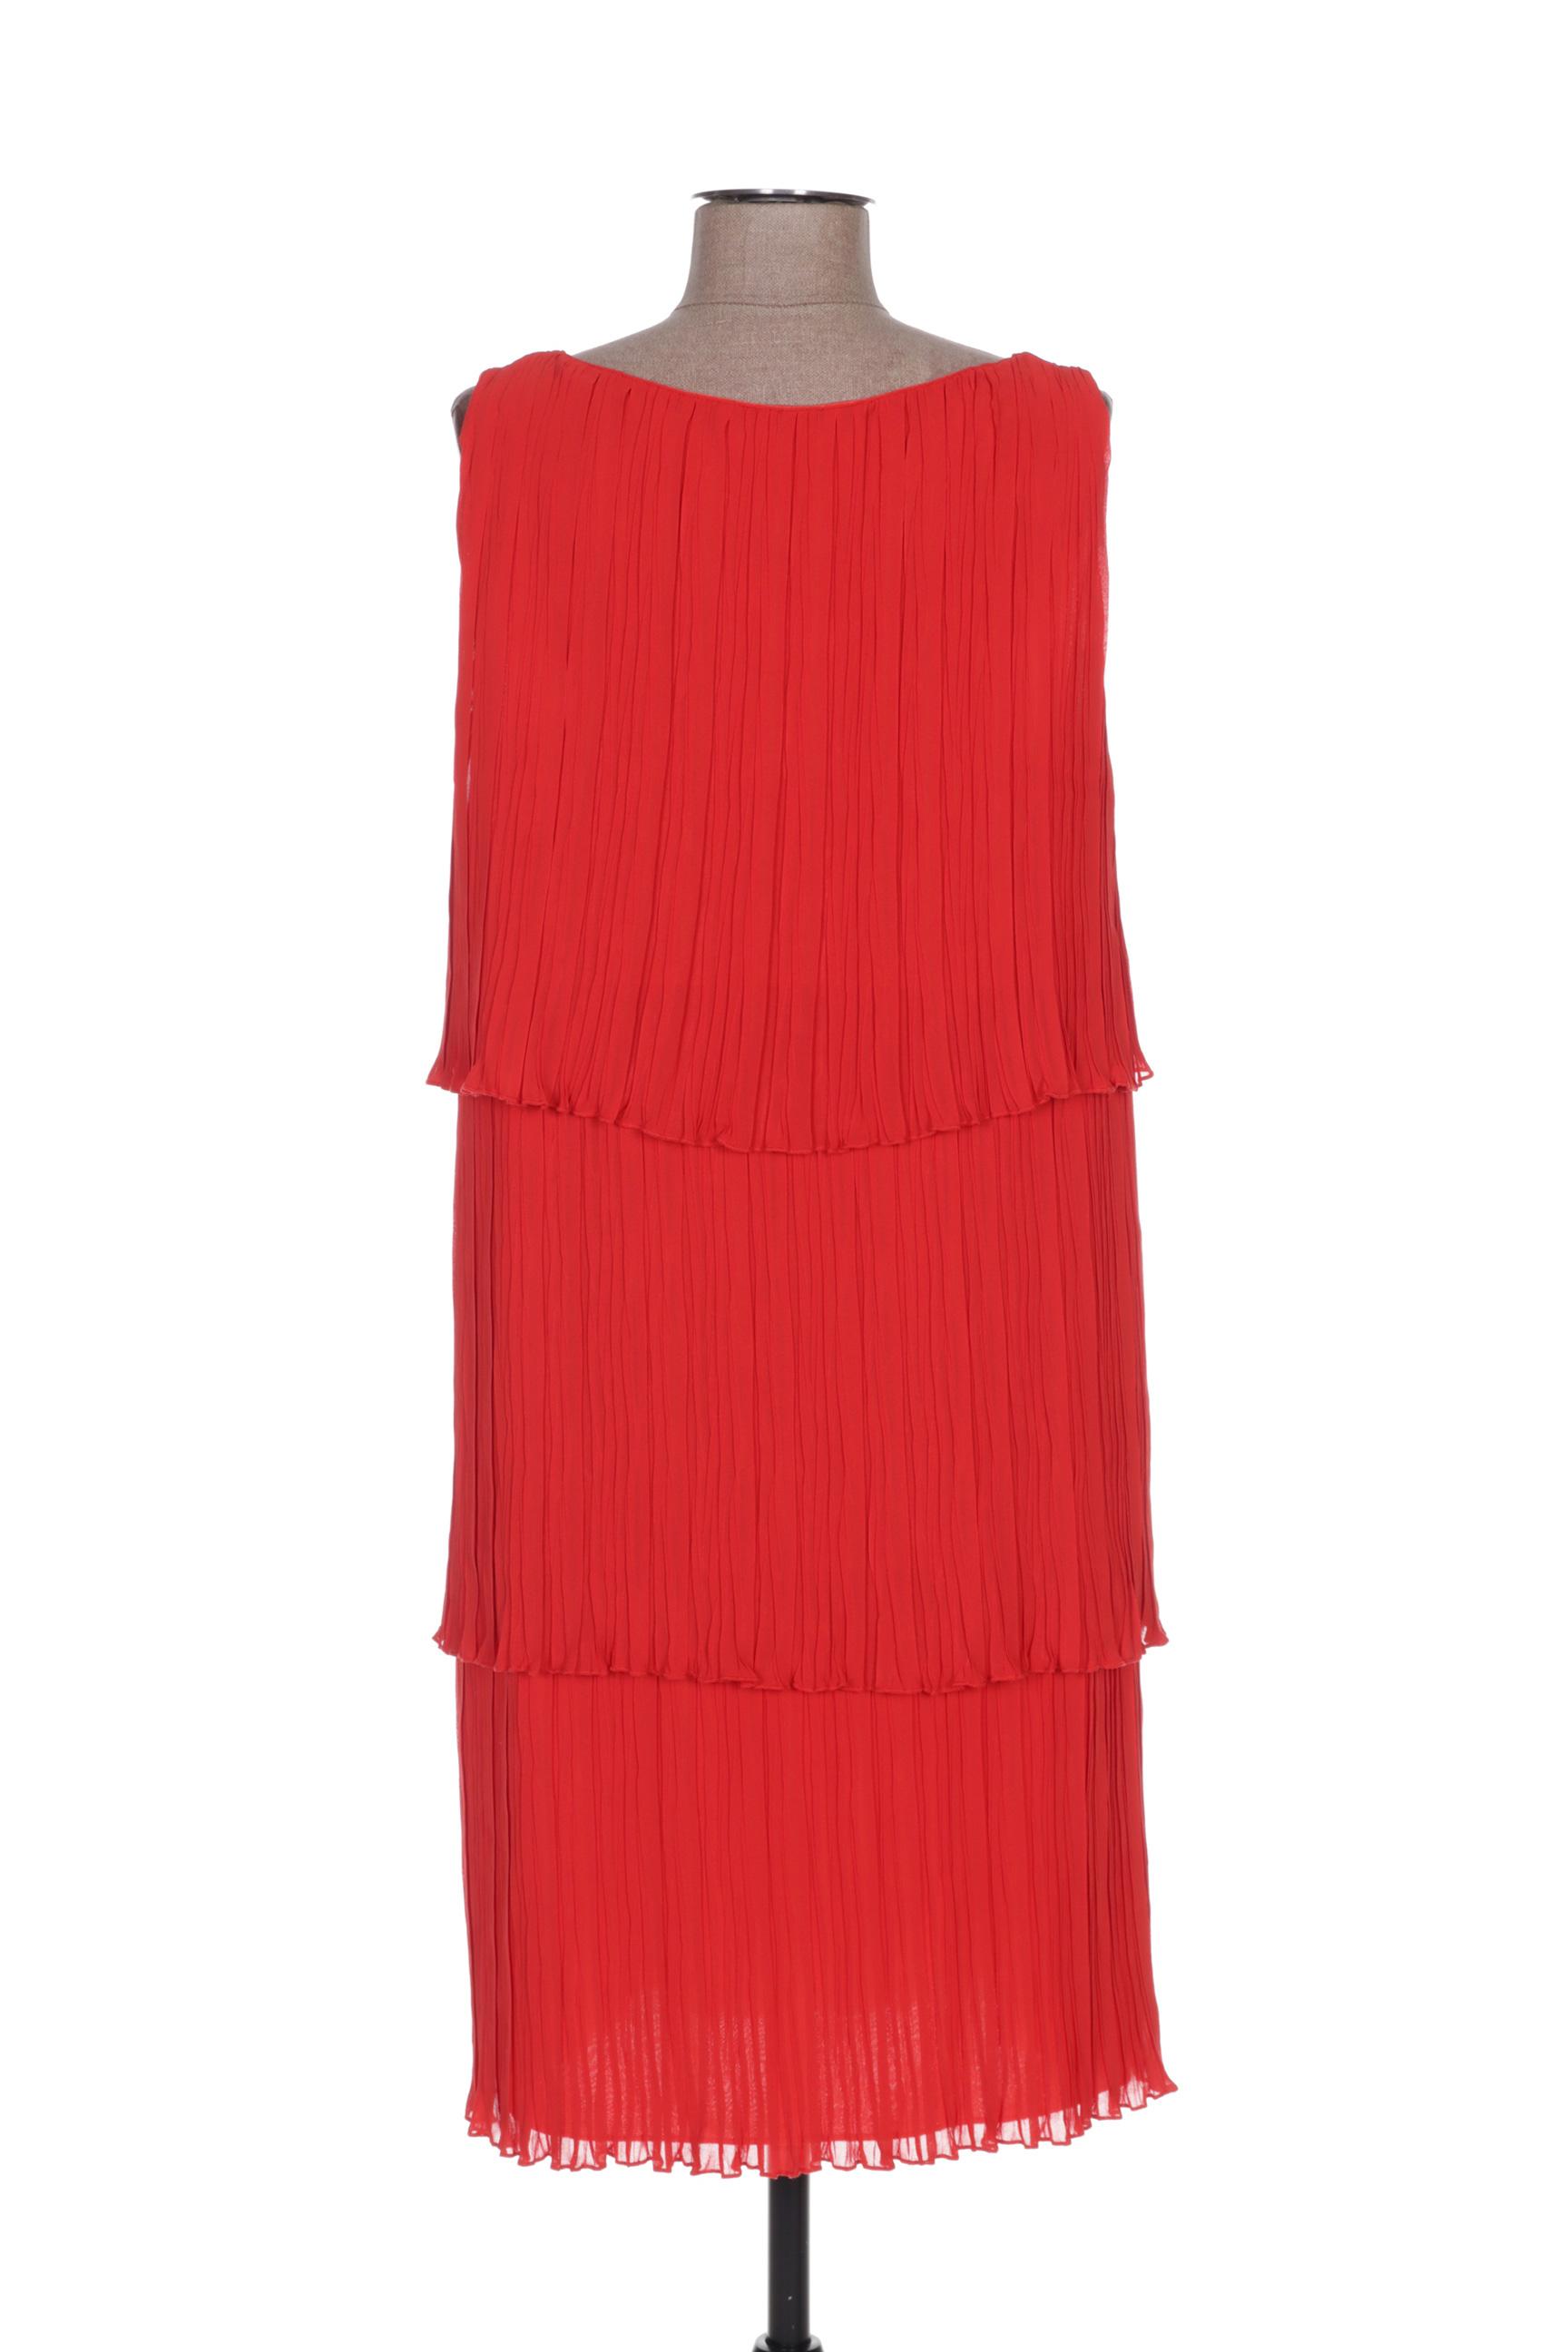 Eleonora Amadei Robes Mi Longues Femme De Couleur Rouge En Soldes Pas Cher 1351153-rouge0